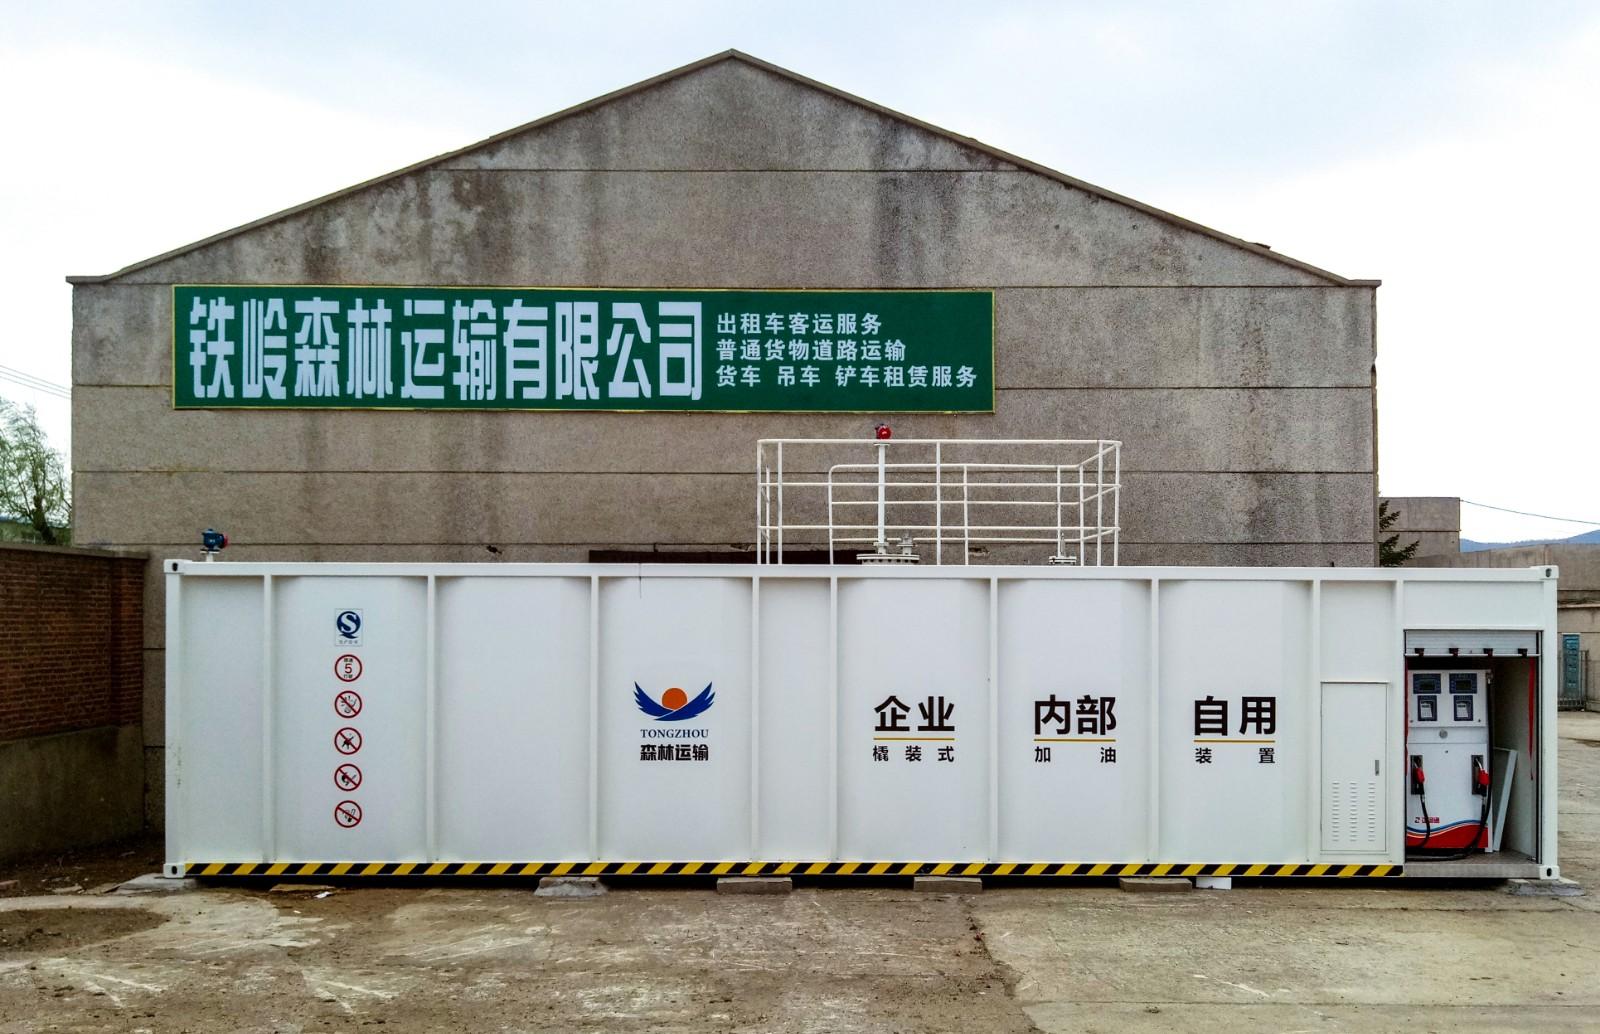 铁岭森林运输有限公司定制了辽宁易通撬装manbetx万博站